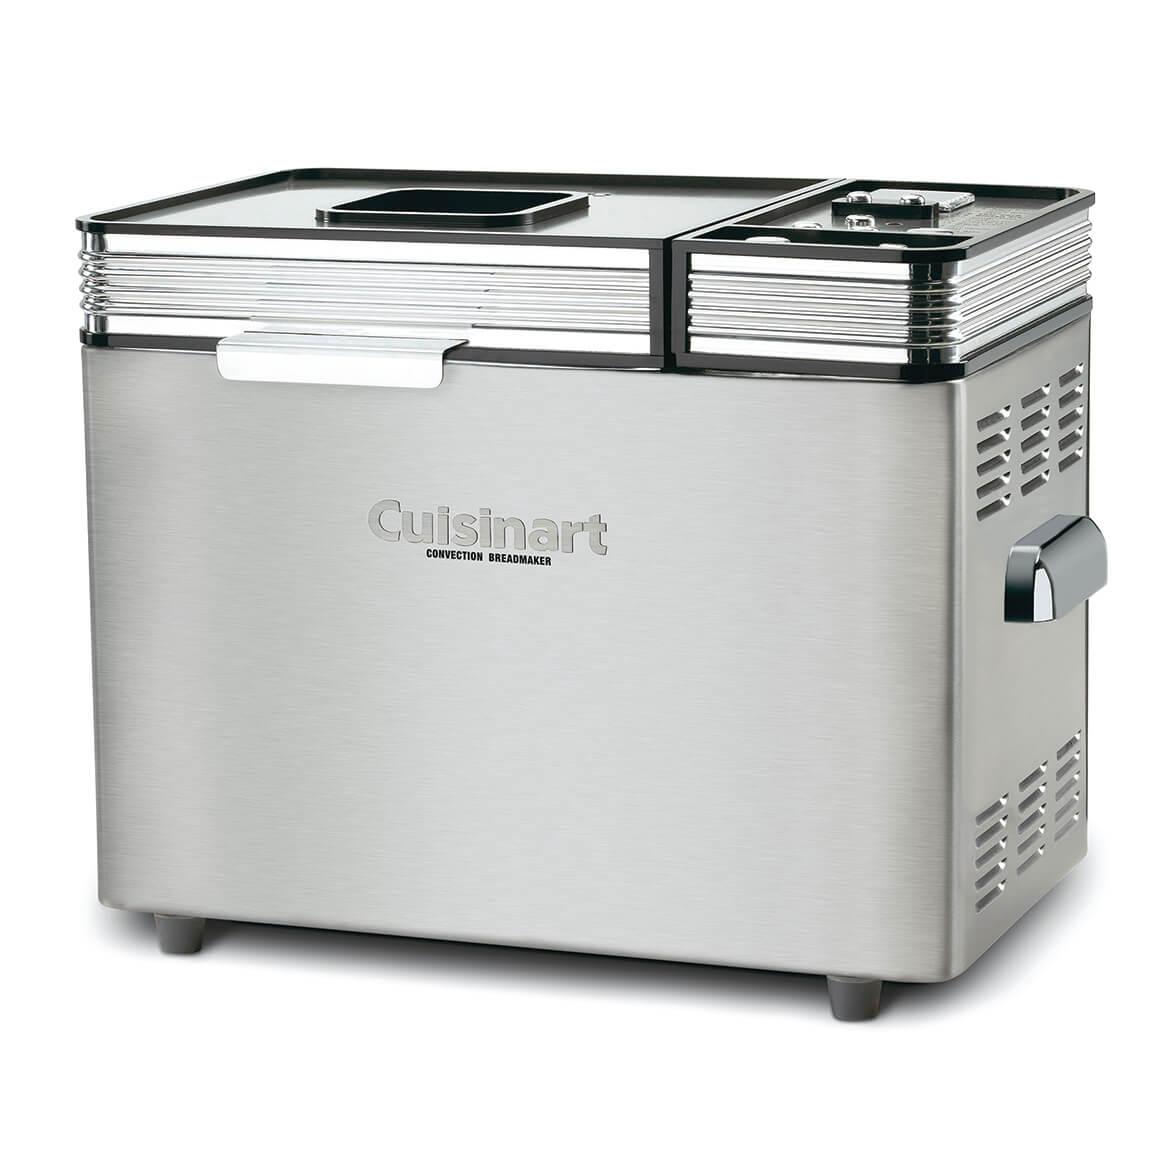 Cuisinart 2-Lb Convection Bread Maker